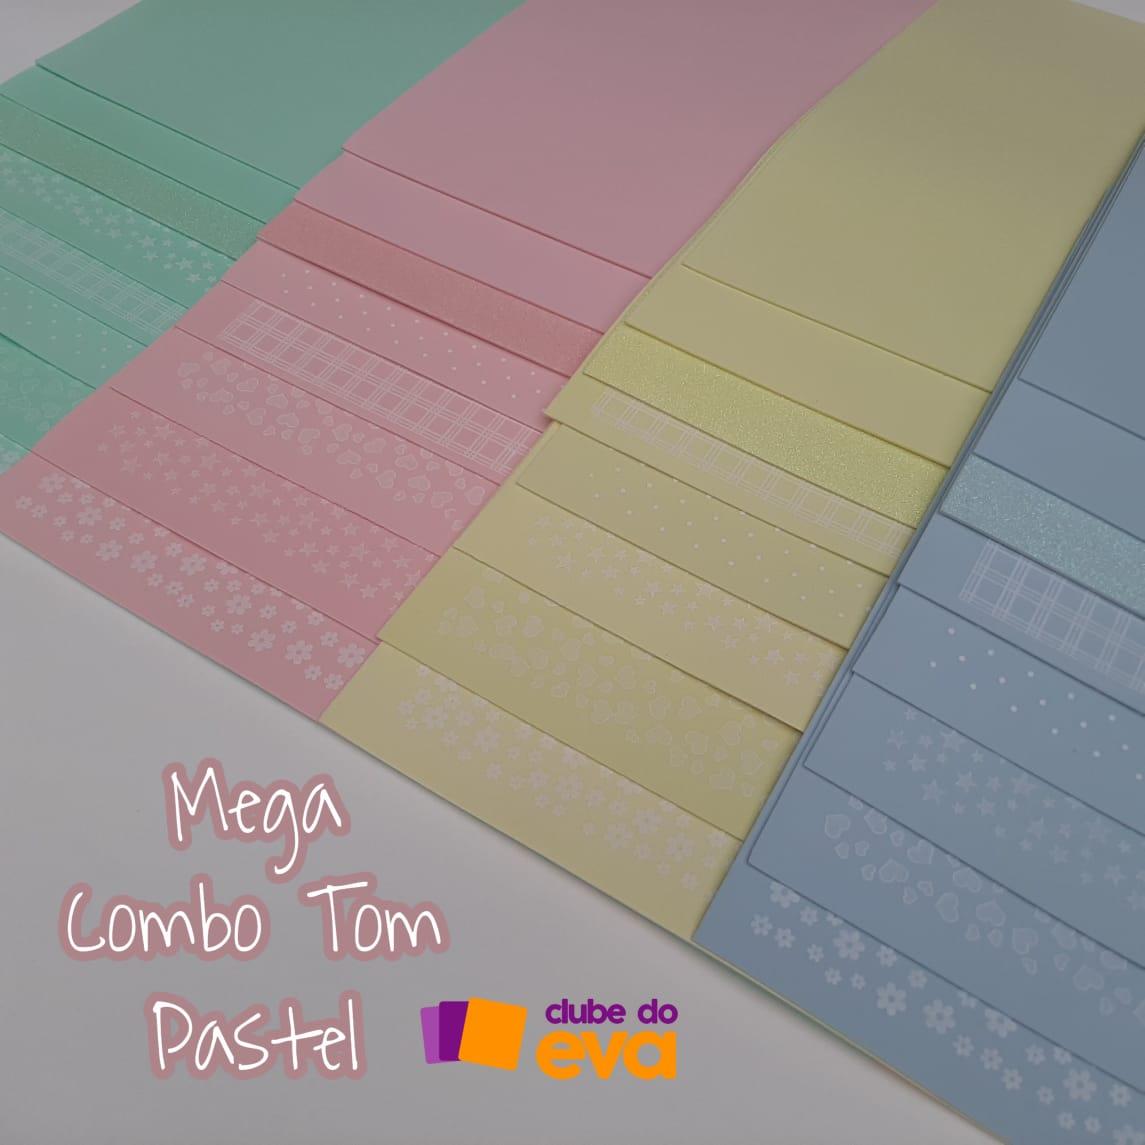 Mega Combo Tom Pastel